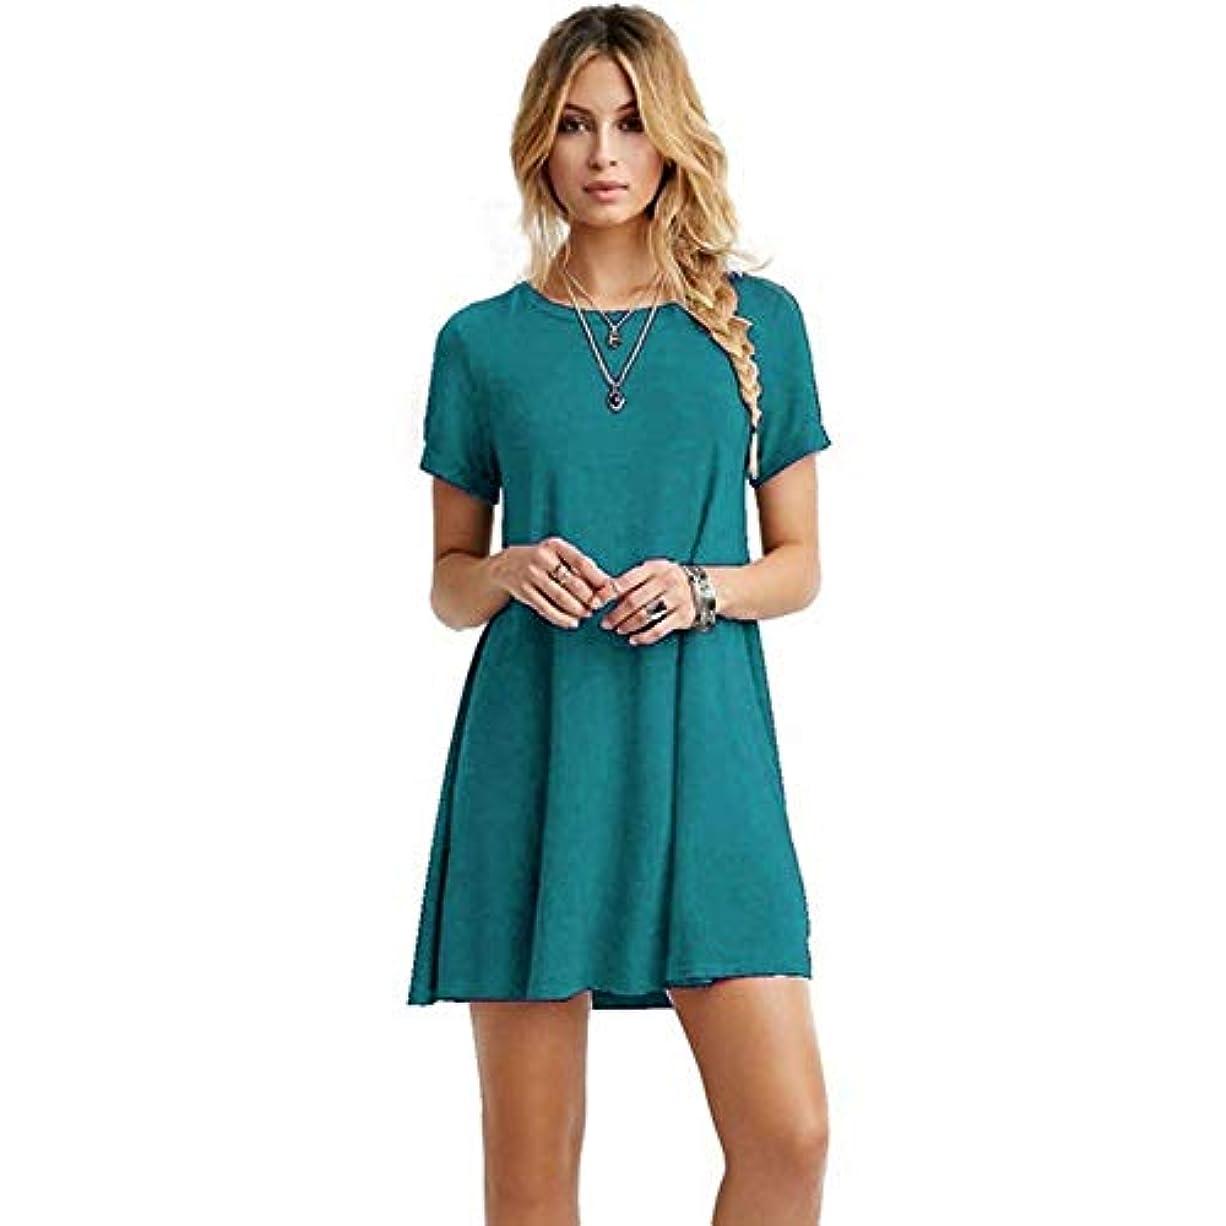 融合うなずく答えMIFAN の女性のドレスカジュアルな不規則なドレスルースサマービーチTシャツドレス